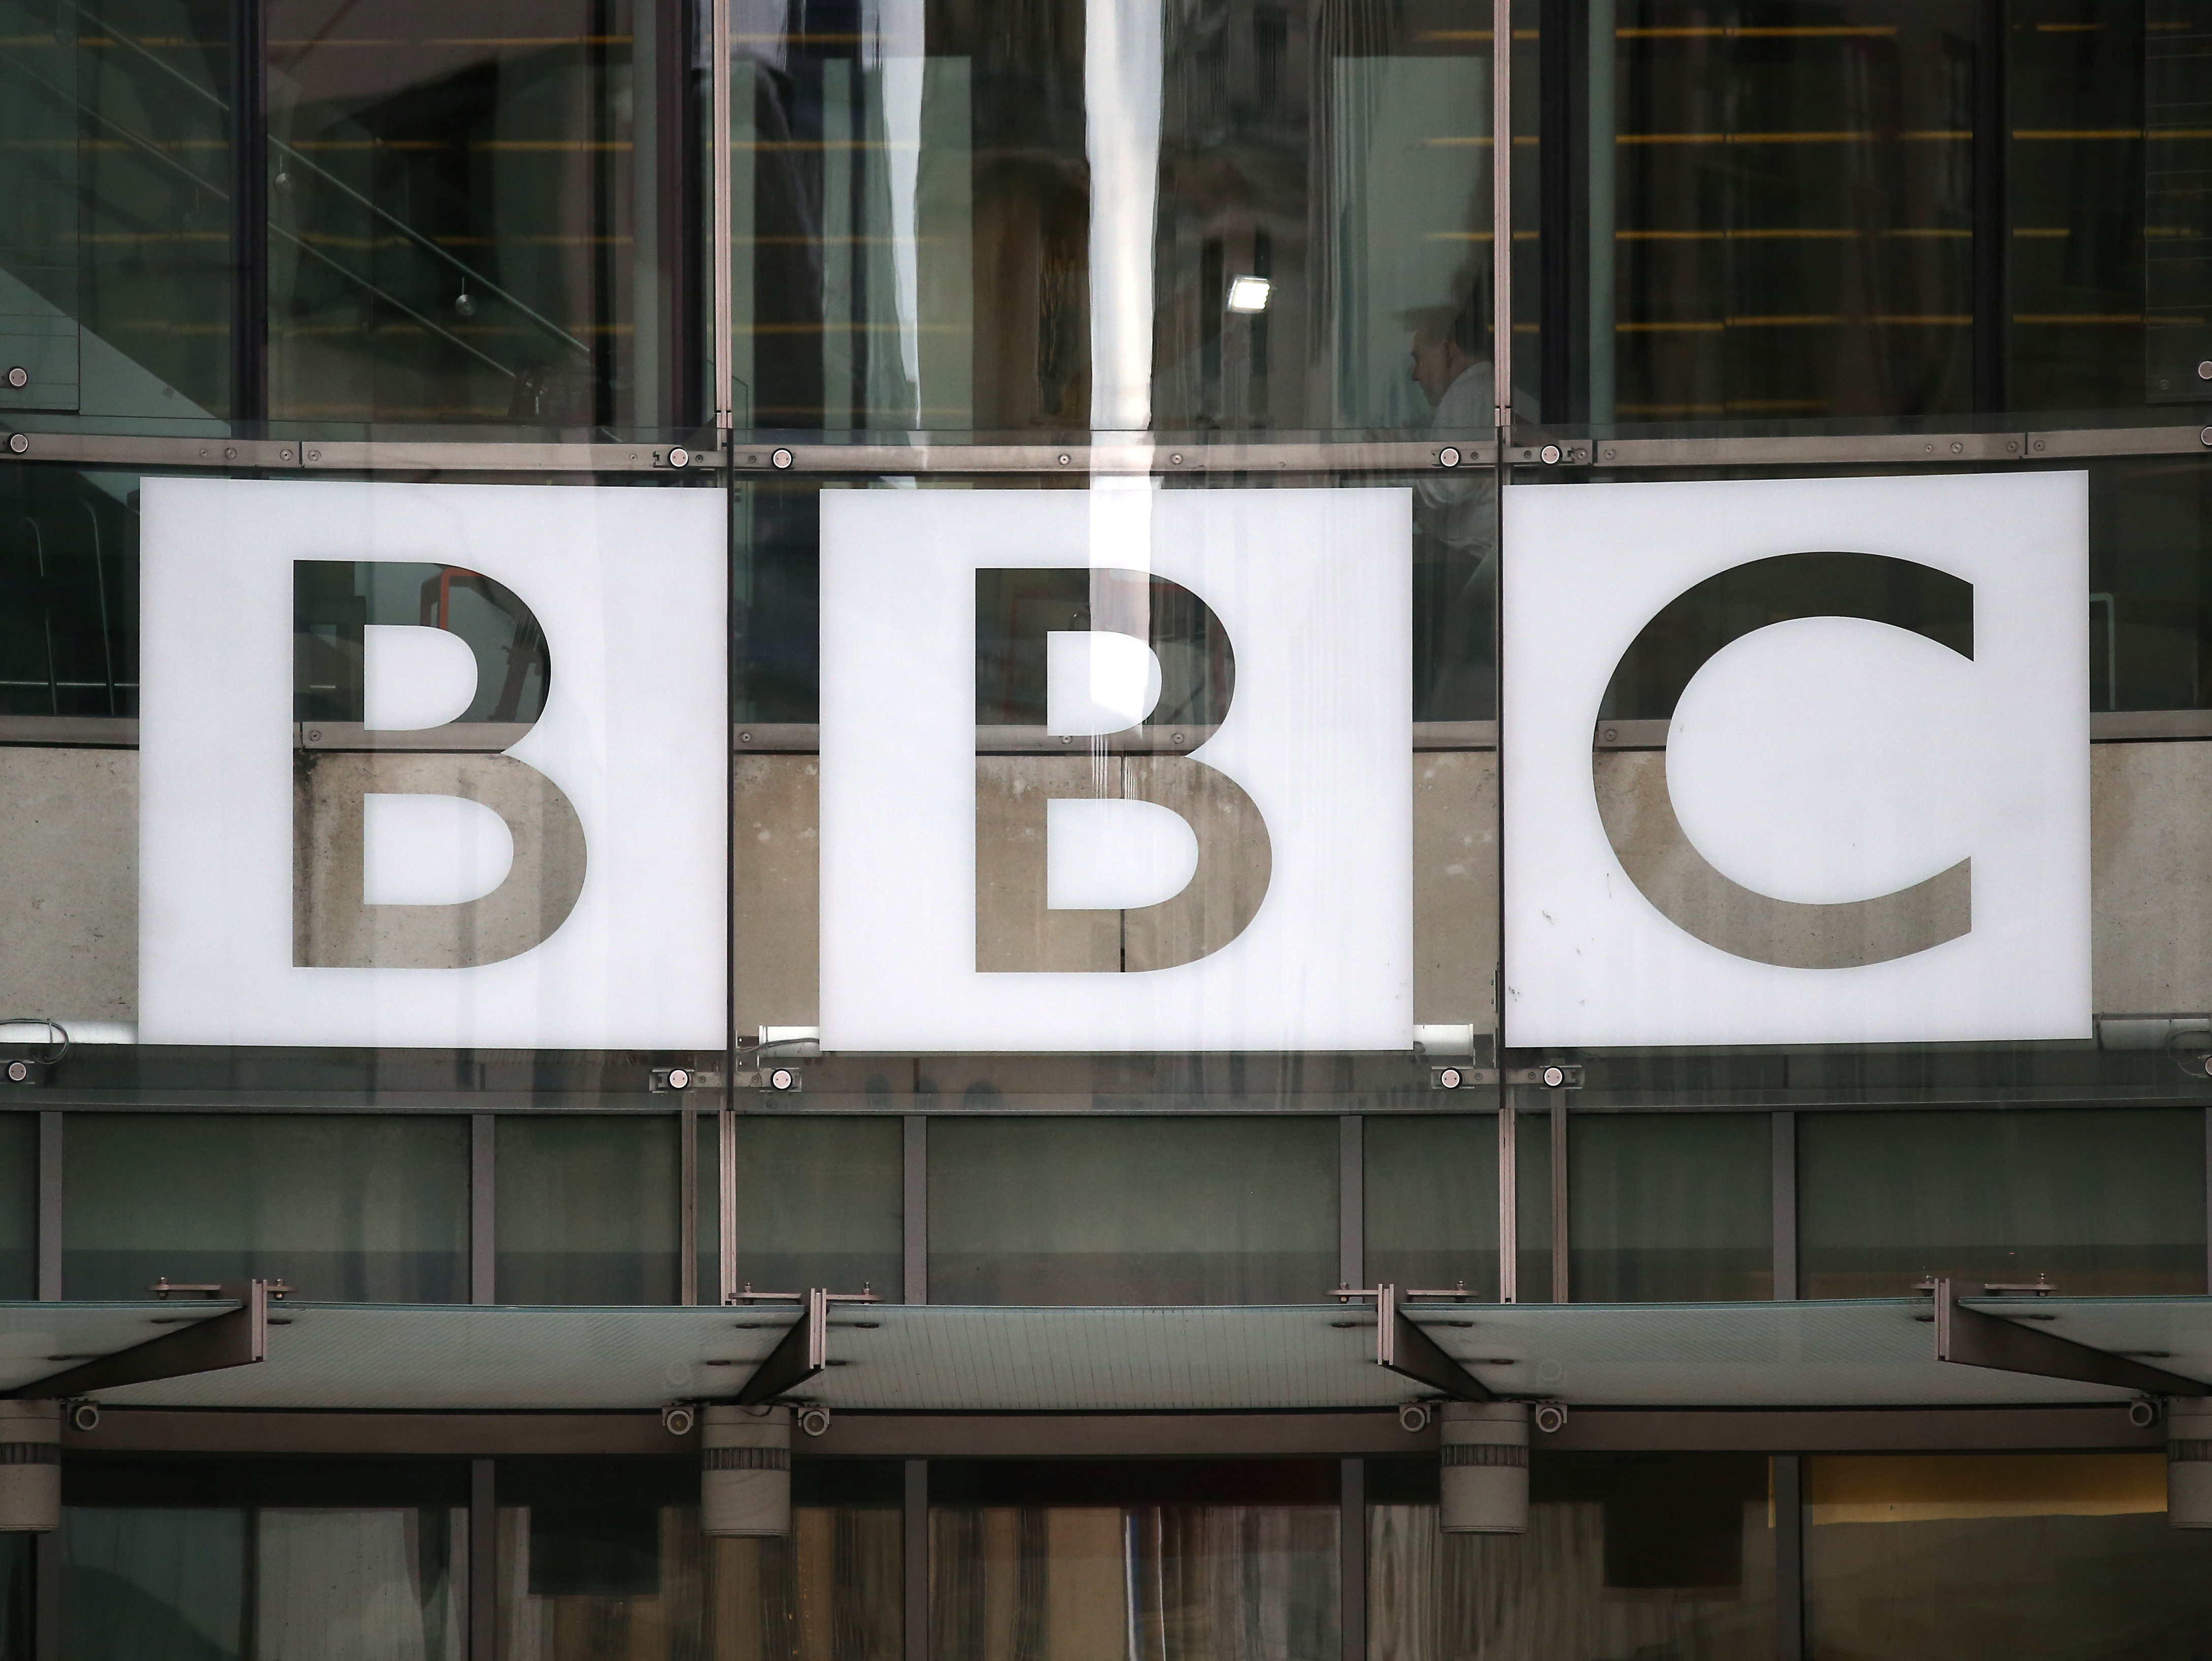 """BBC vai lançar o """"Beeb"""", o assistente de IA que quer competir com a Alexa, a Siri e o Google Assistant"""